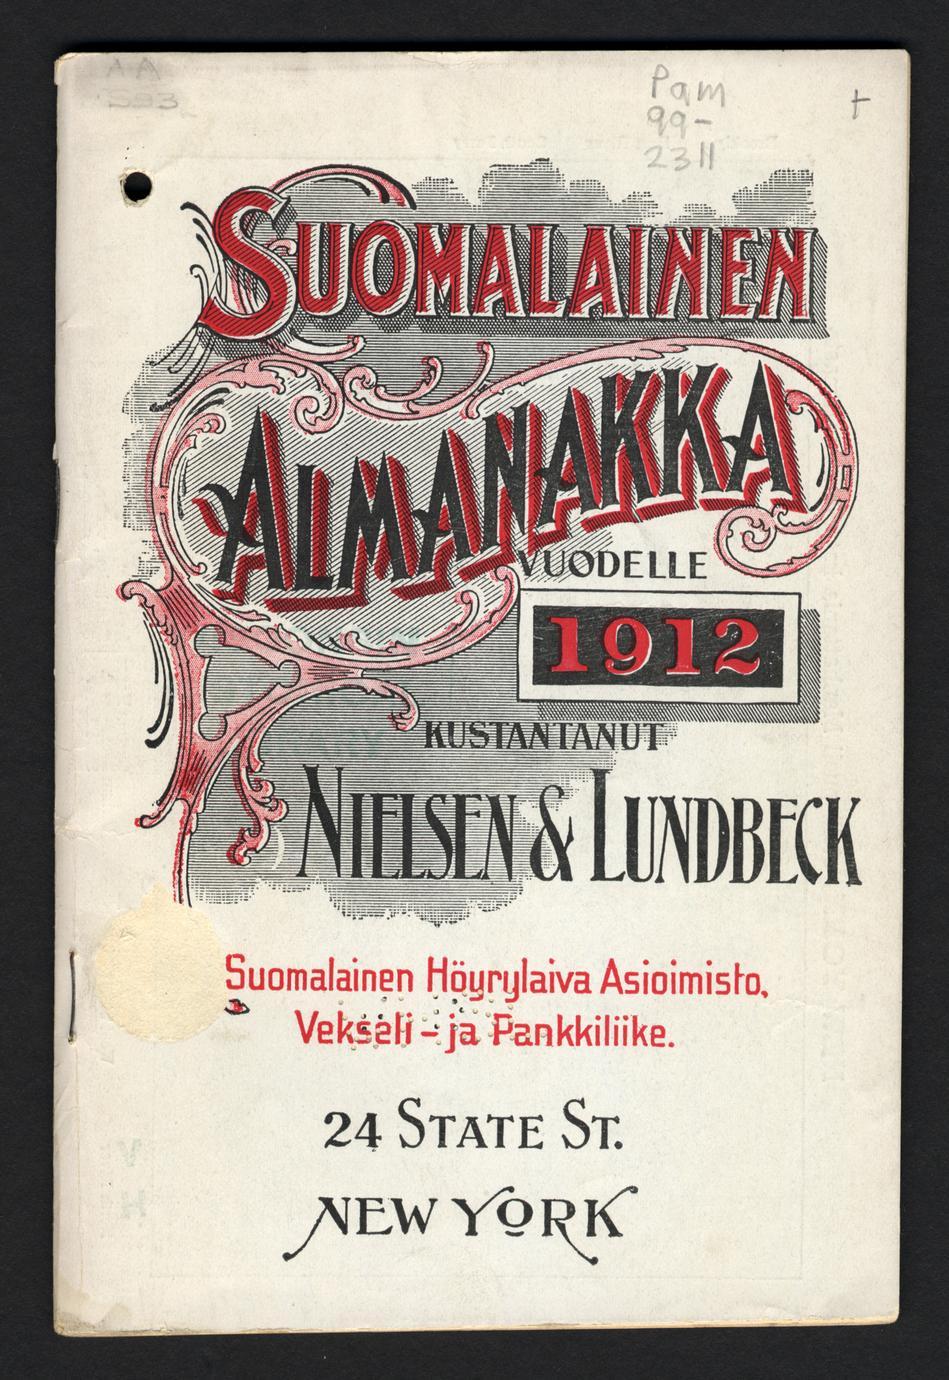 Suomalainen almanakka ja kalenteri. (1 of 2)